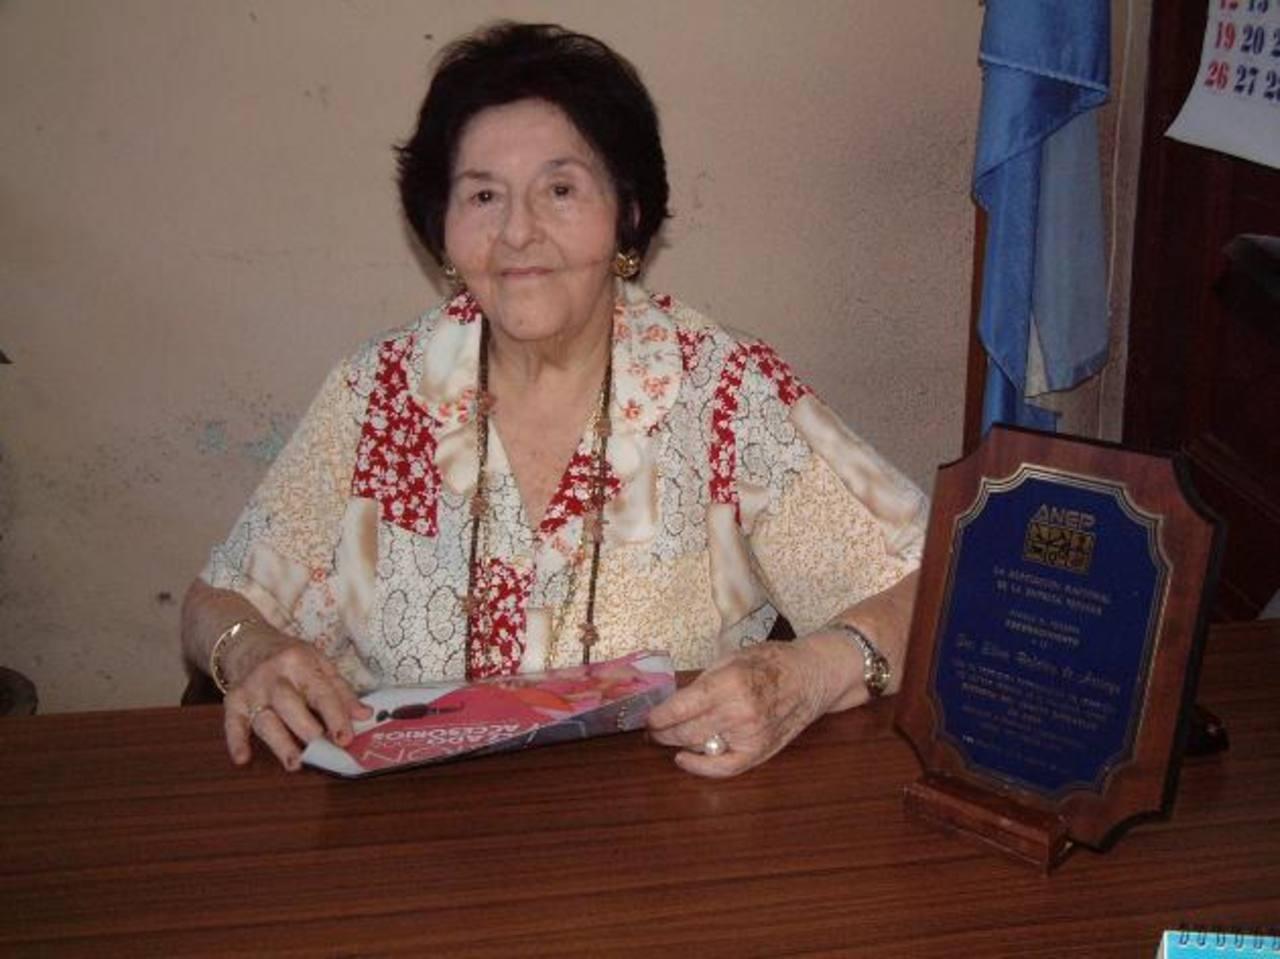 Entre los cargos que ocupó también estuvo el de alcaldesa interina, dijo un familiar de doña Elena. Foto EDH / archivo